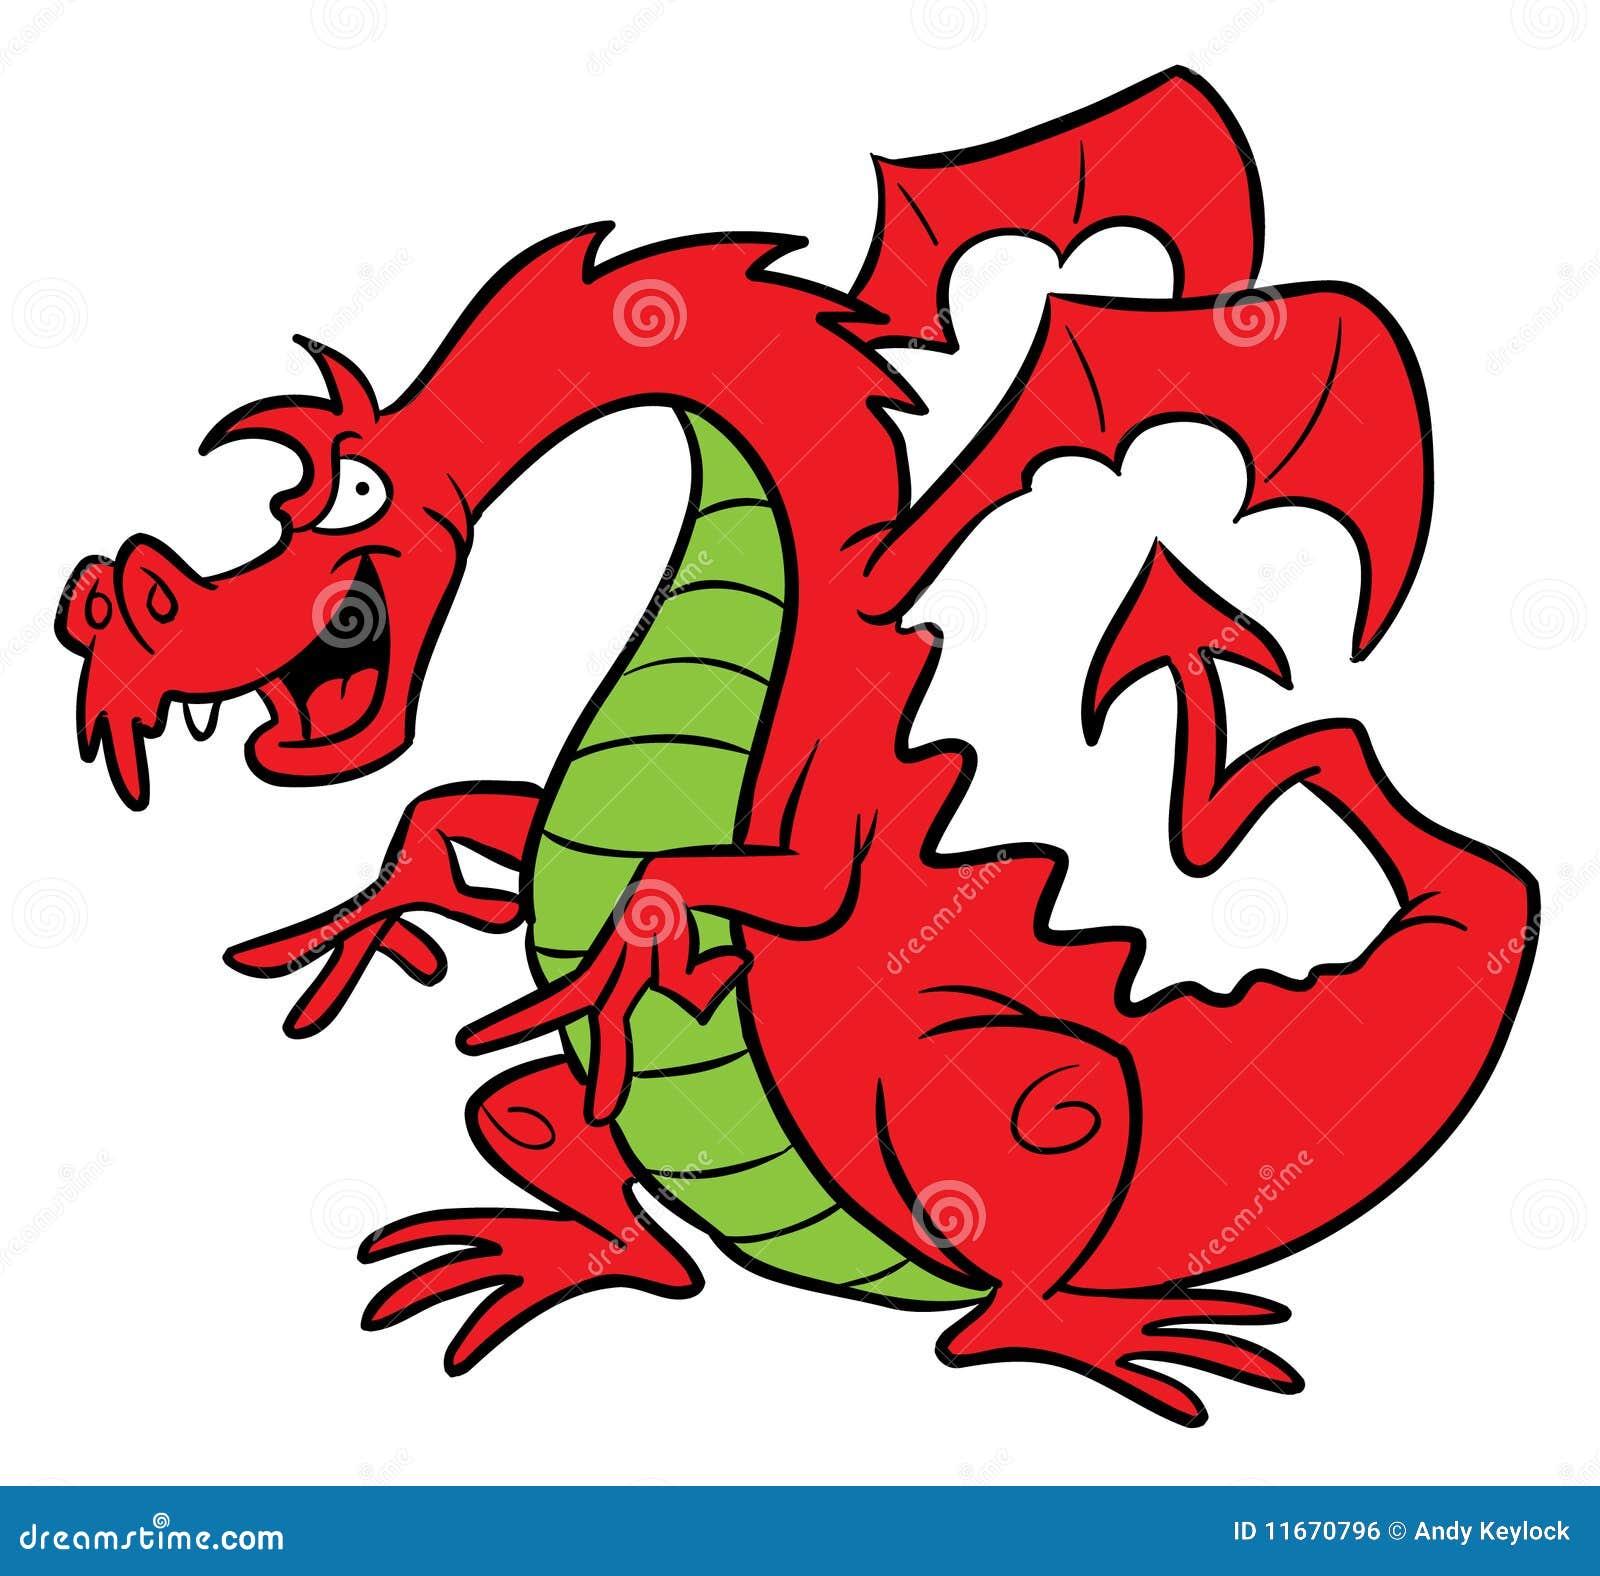 Illustration Rouge De Dessin Animé De Dragon Image libre de droits - Image: 11670796